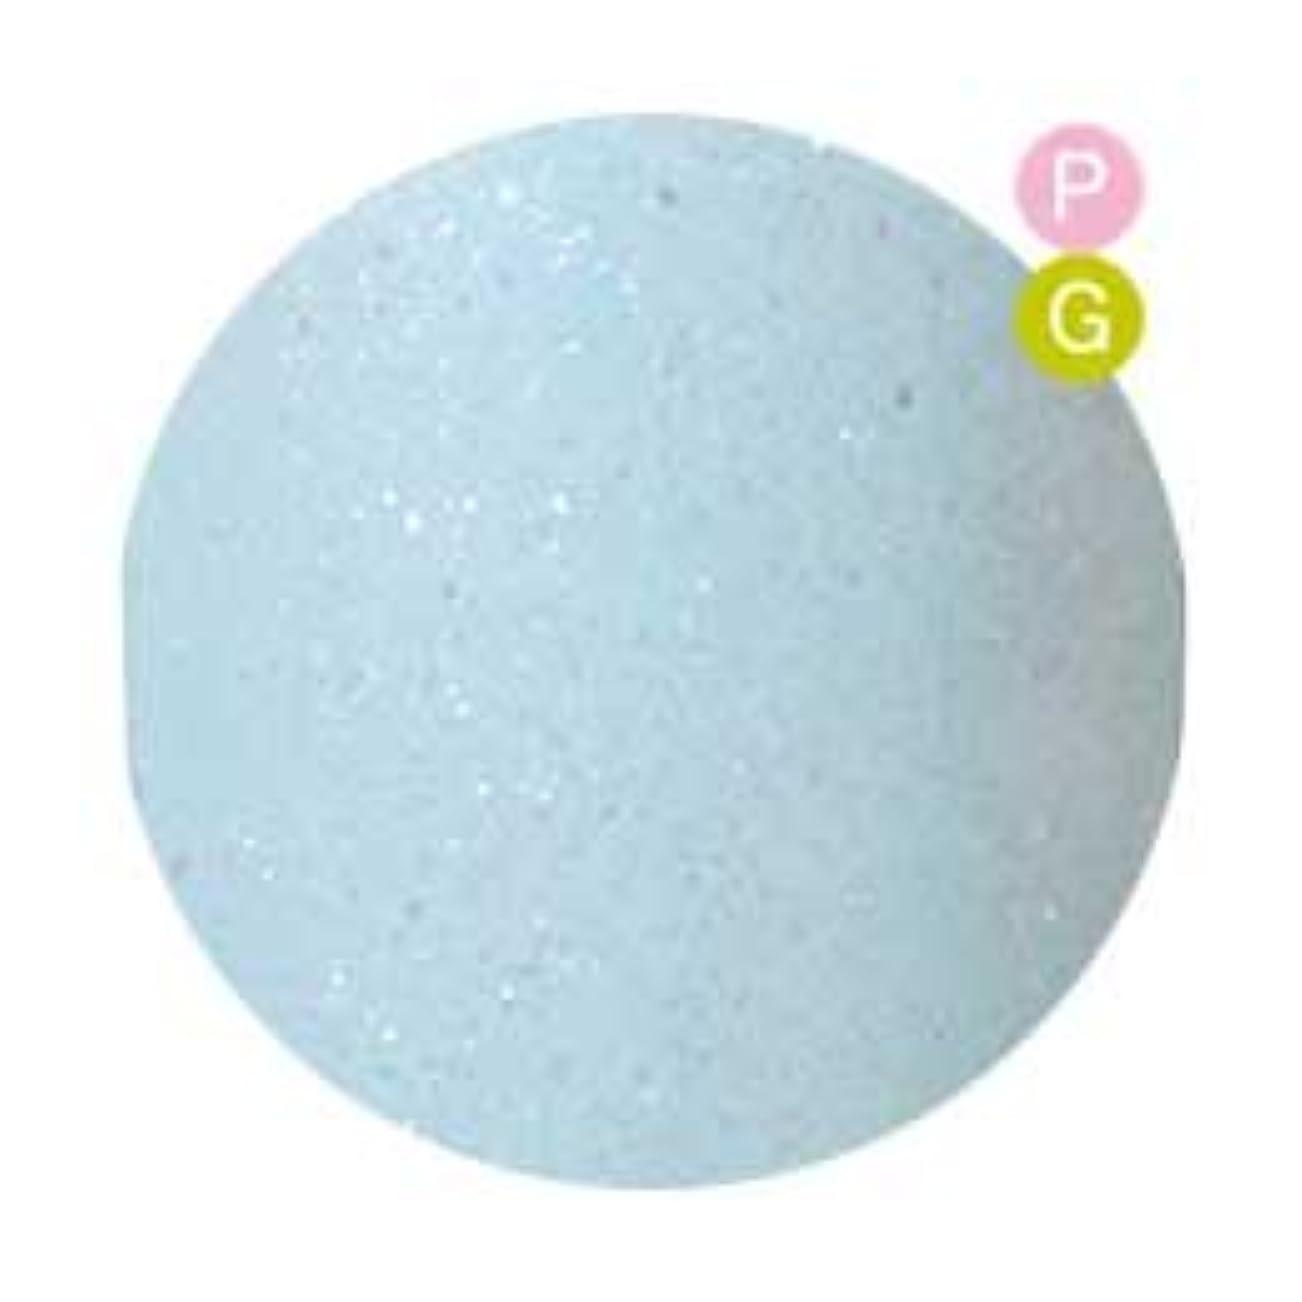 海藻窒素彼らはPalms Graceful カラージェル 3g 029 ブルーダスト